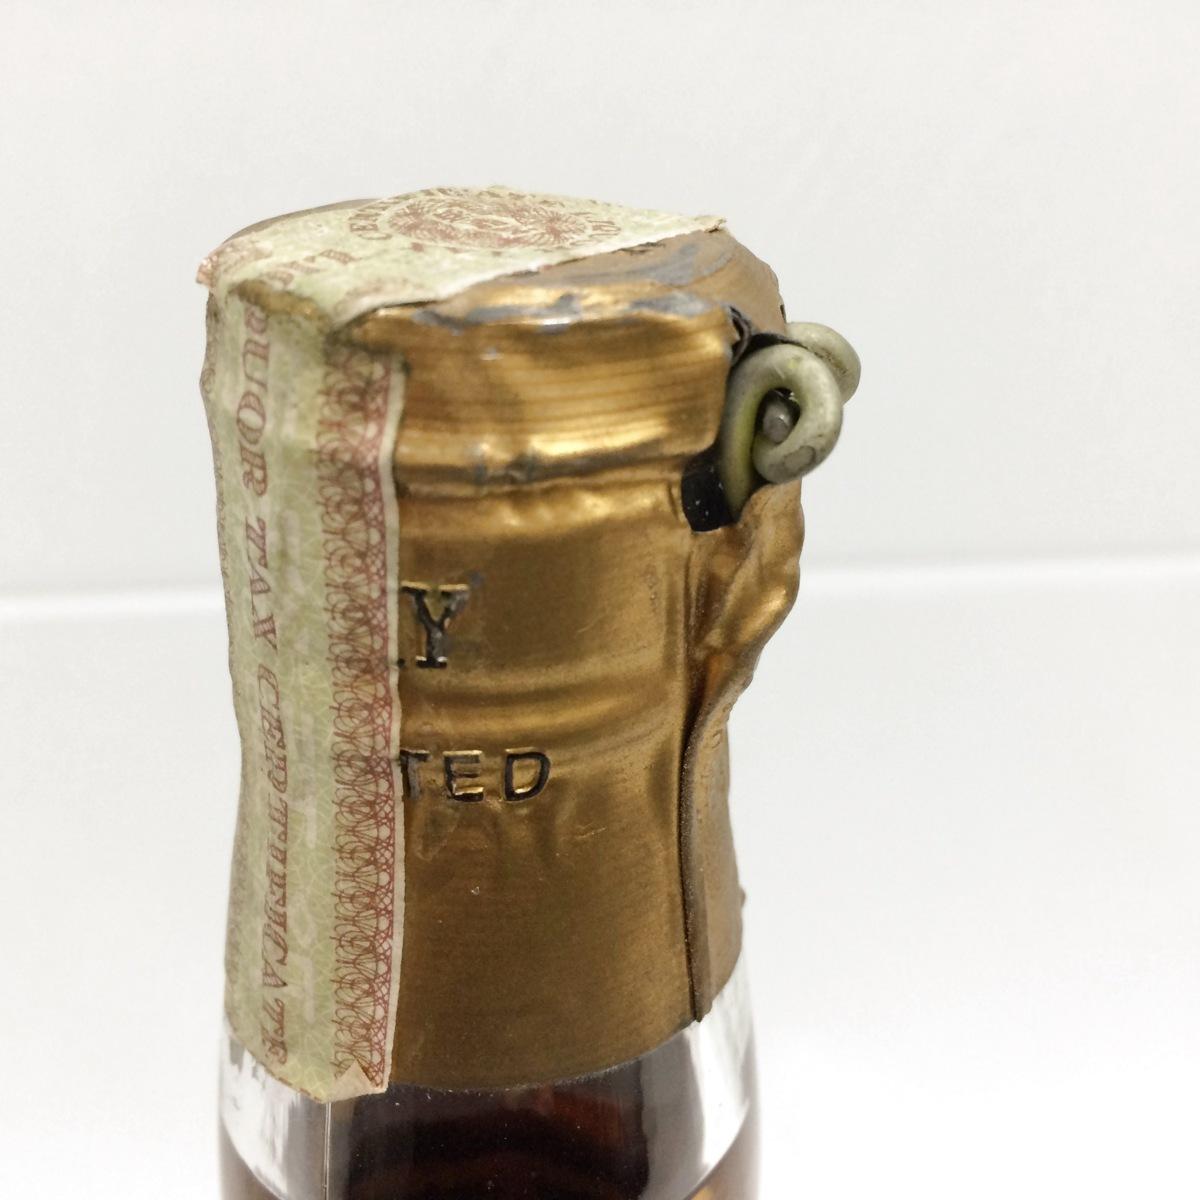 7-1973古酒・未開栓 ホワイトホース ヴィンテージ ティンキャップ スコッチウィスキー 760ml 43%特級 セラー表記_画像5